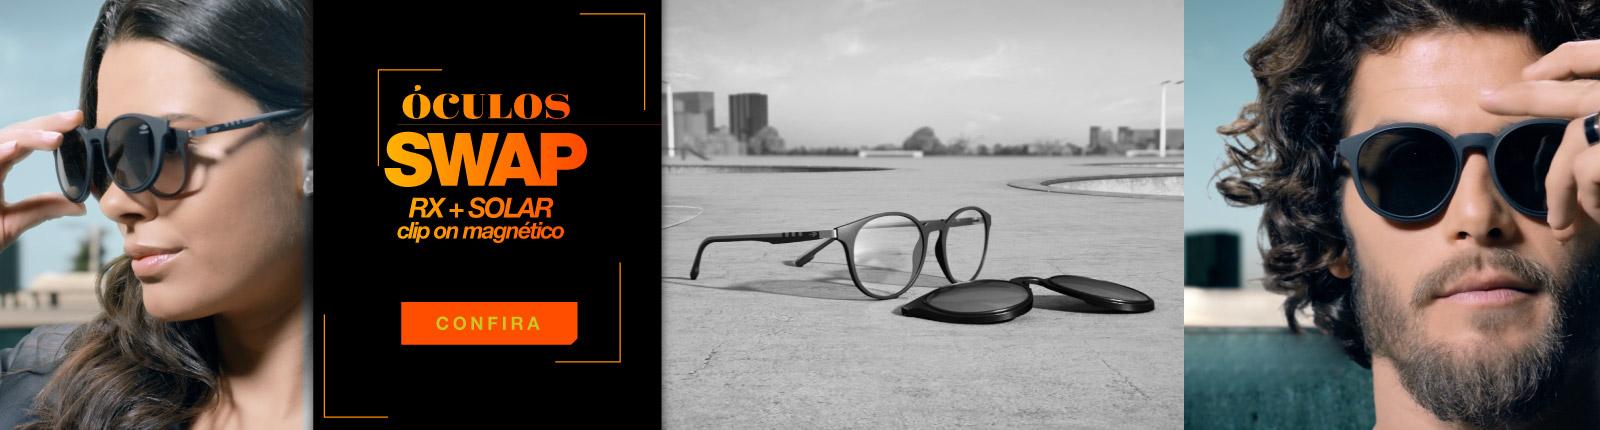 óculos swap